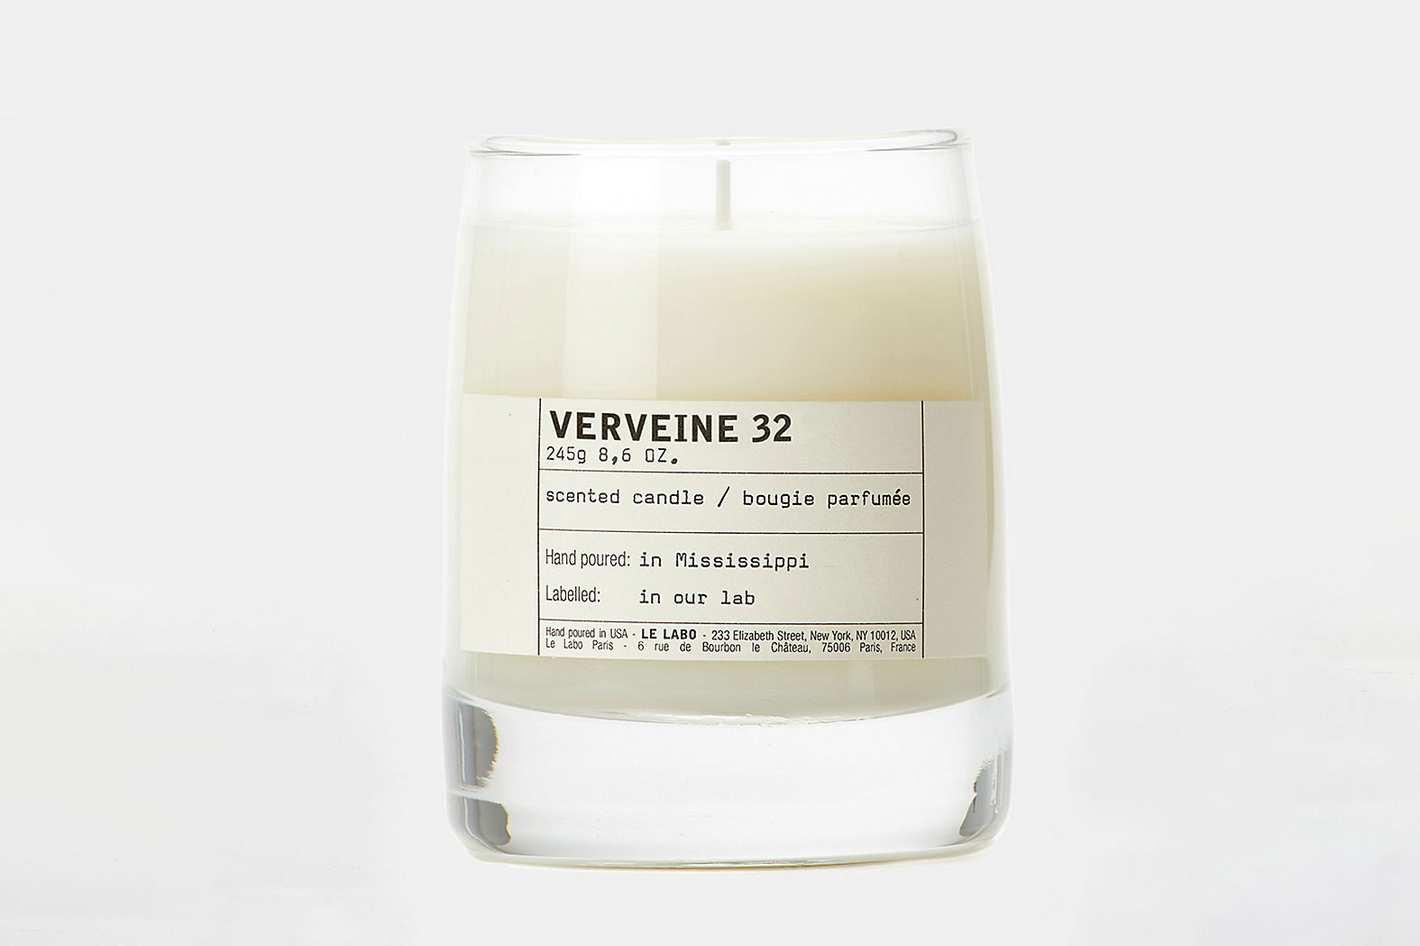 Le Labo Verveine 32 Classic Candle